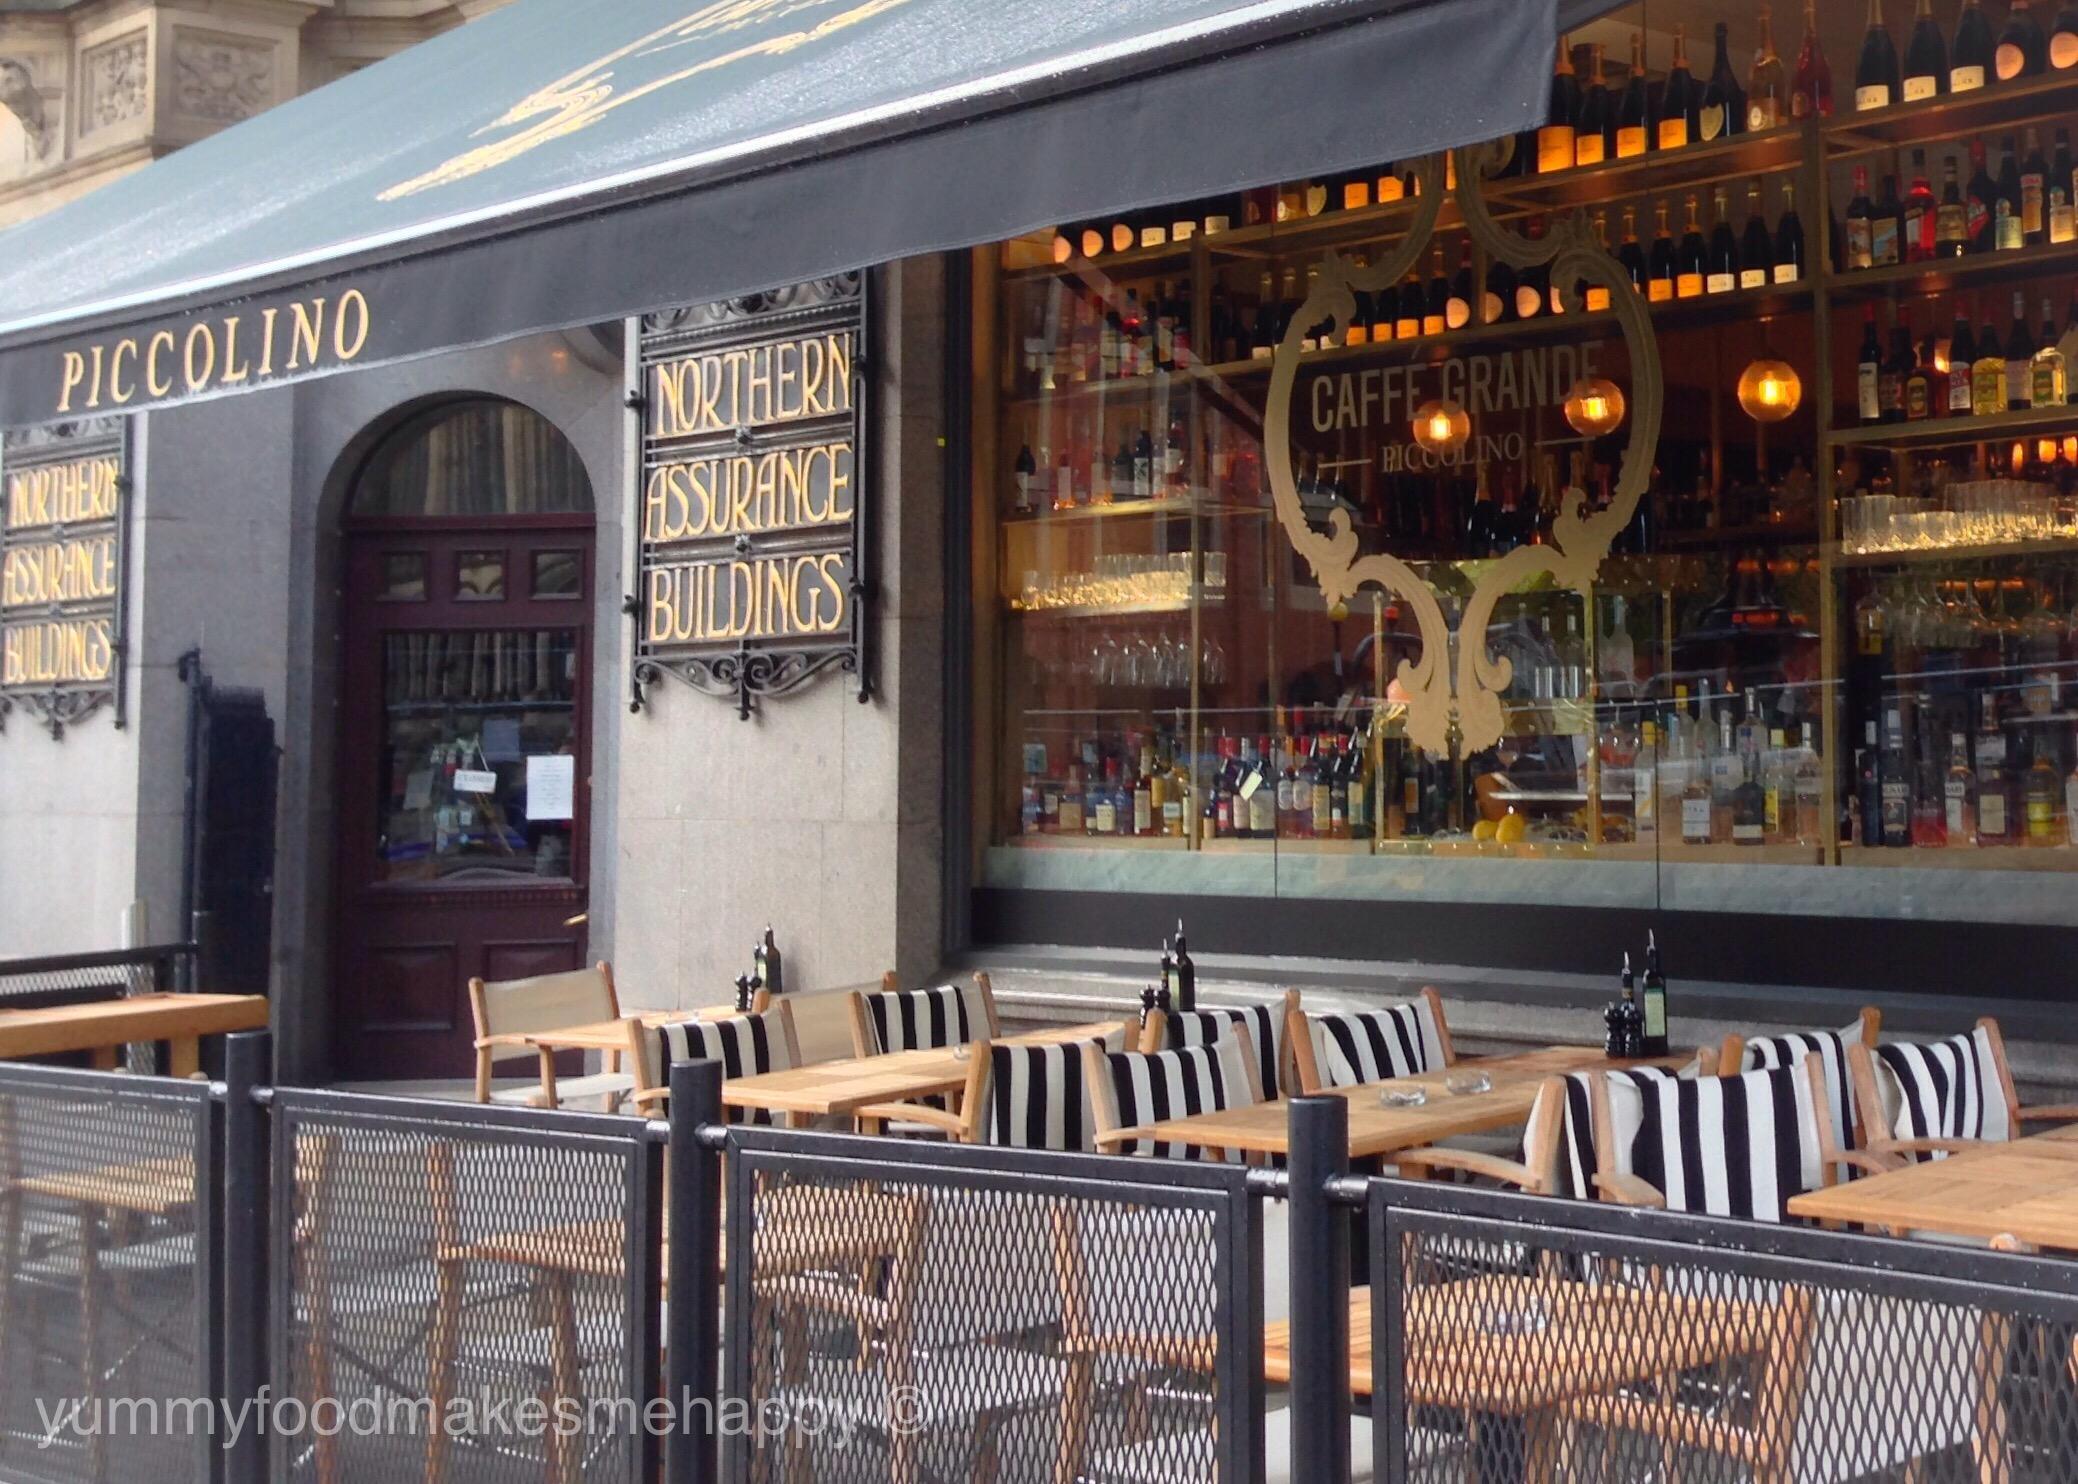 Caff Grande Piccolino Manchester An Authentic Italian